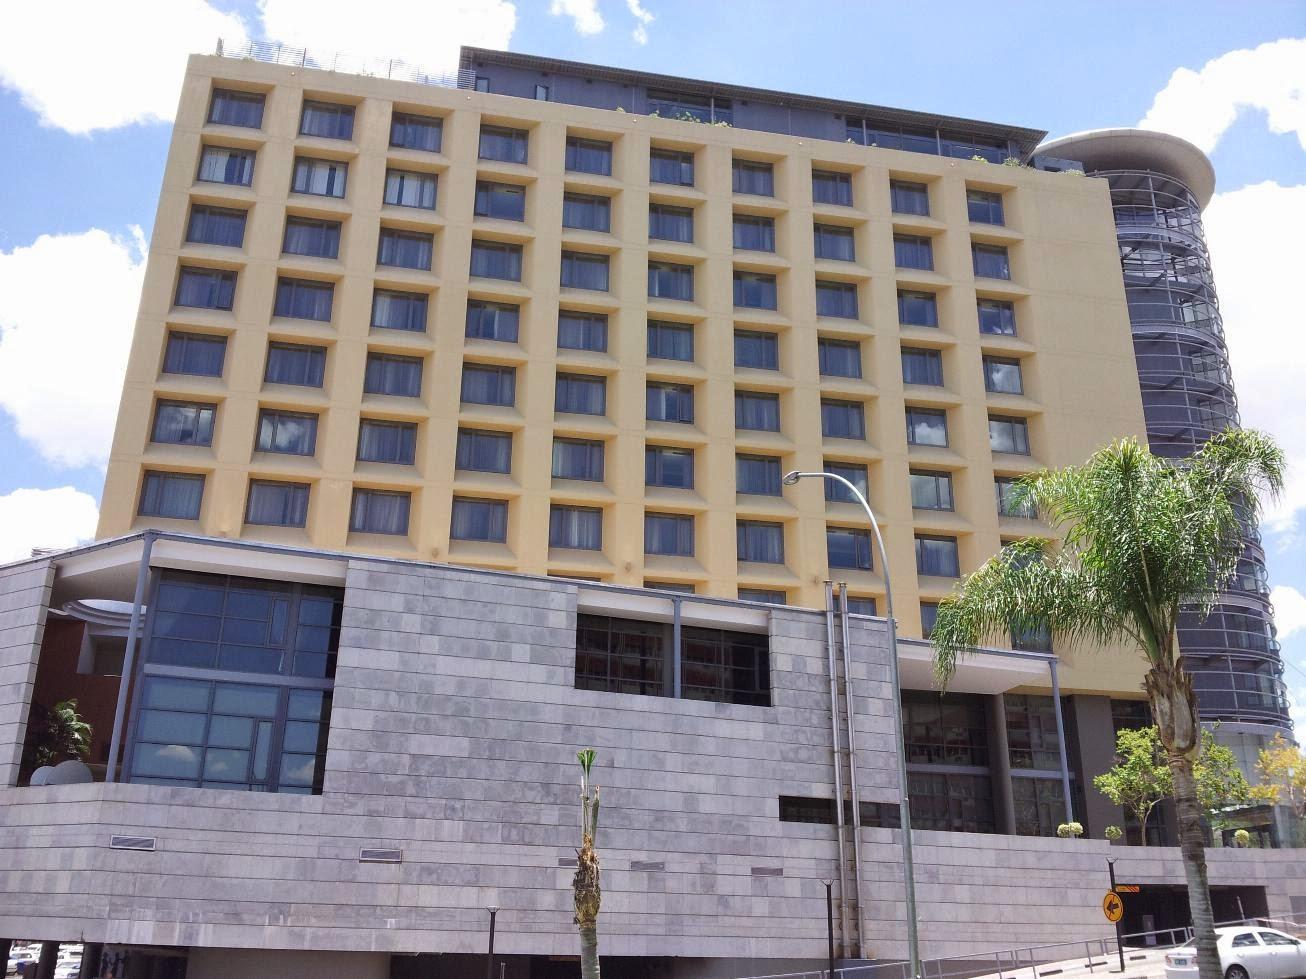 Hilton Hotel Windhoek, Namibia